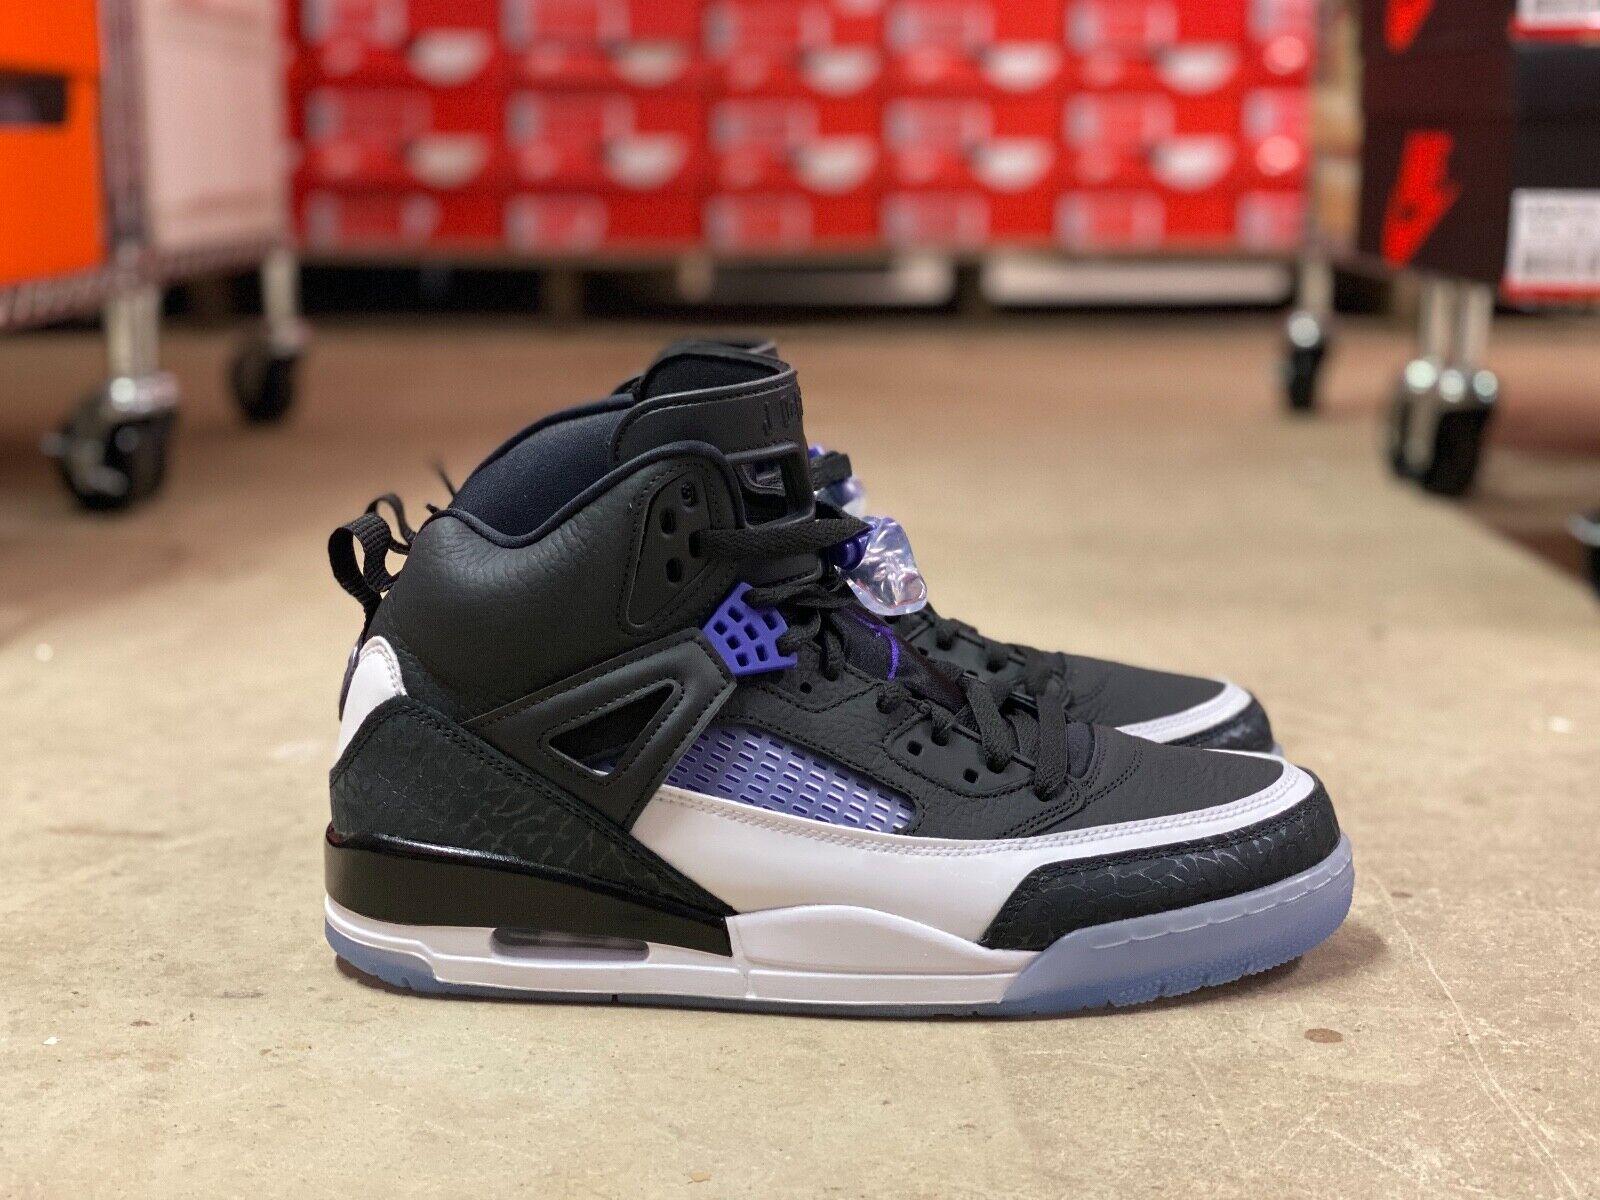 Nike Air Jordan Spizike Space Jam Mens